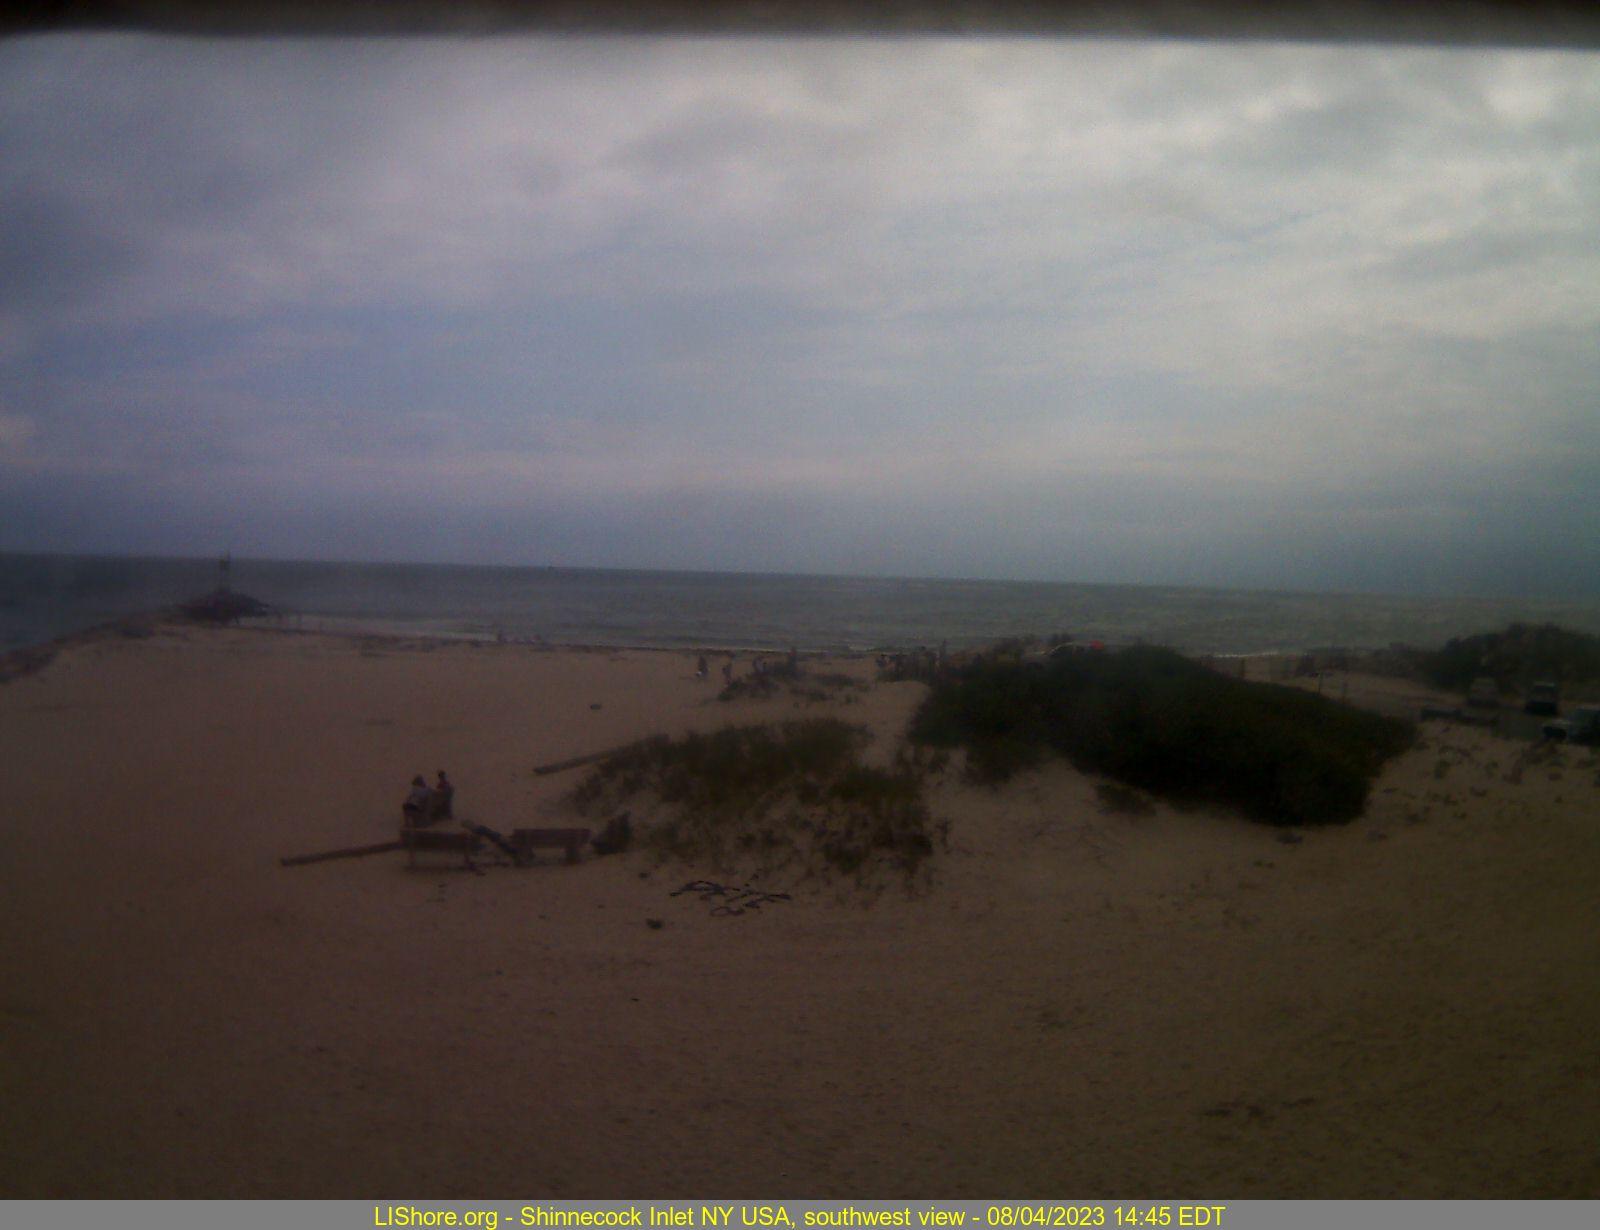 Webcam image - southwest view